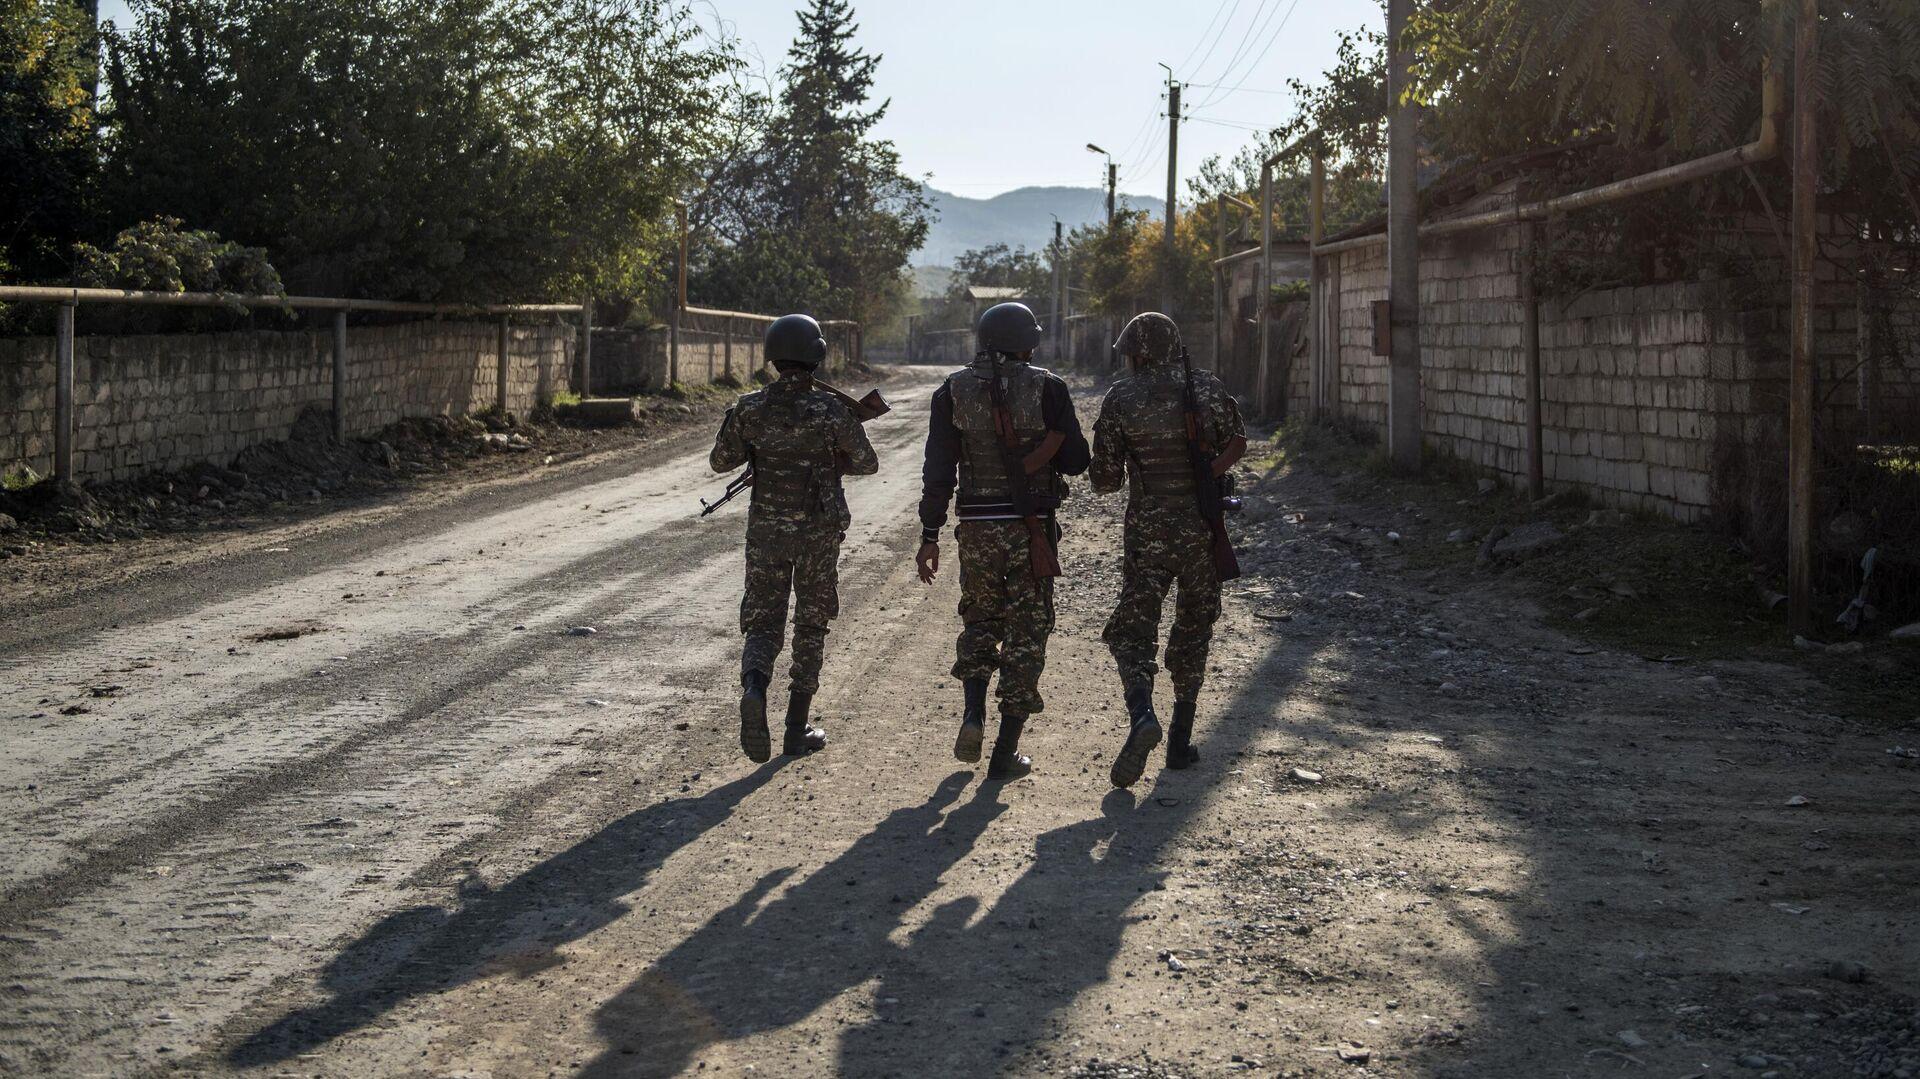 Вооруженные мужчины на улице города Степанакерт - РИА Новости, 1920, 12.11.2020